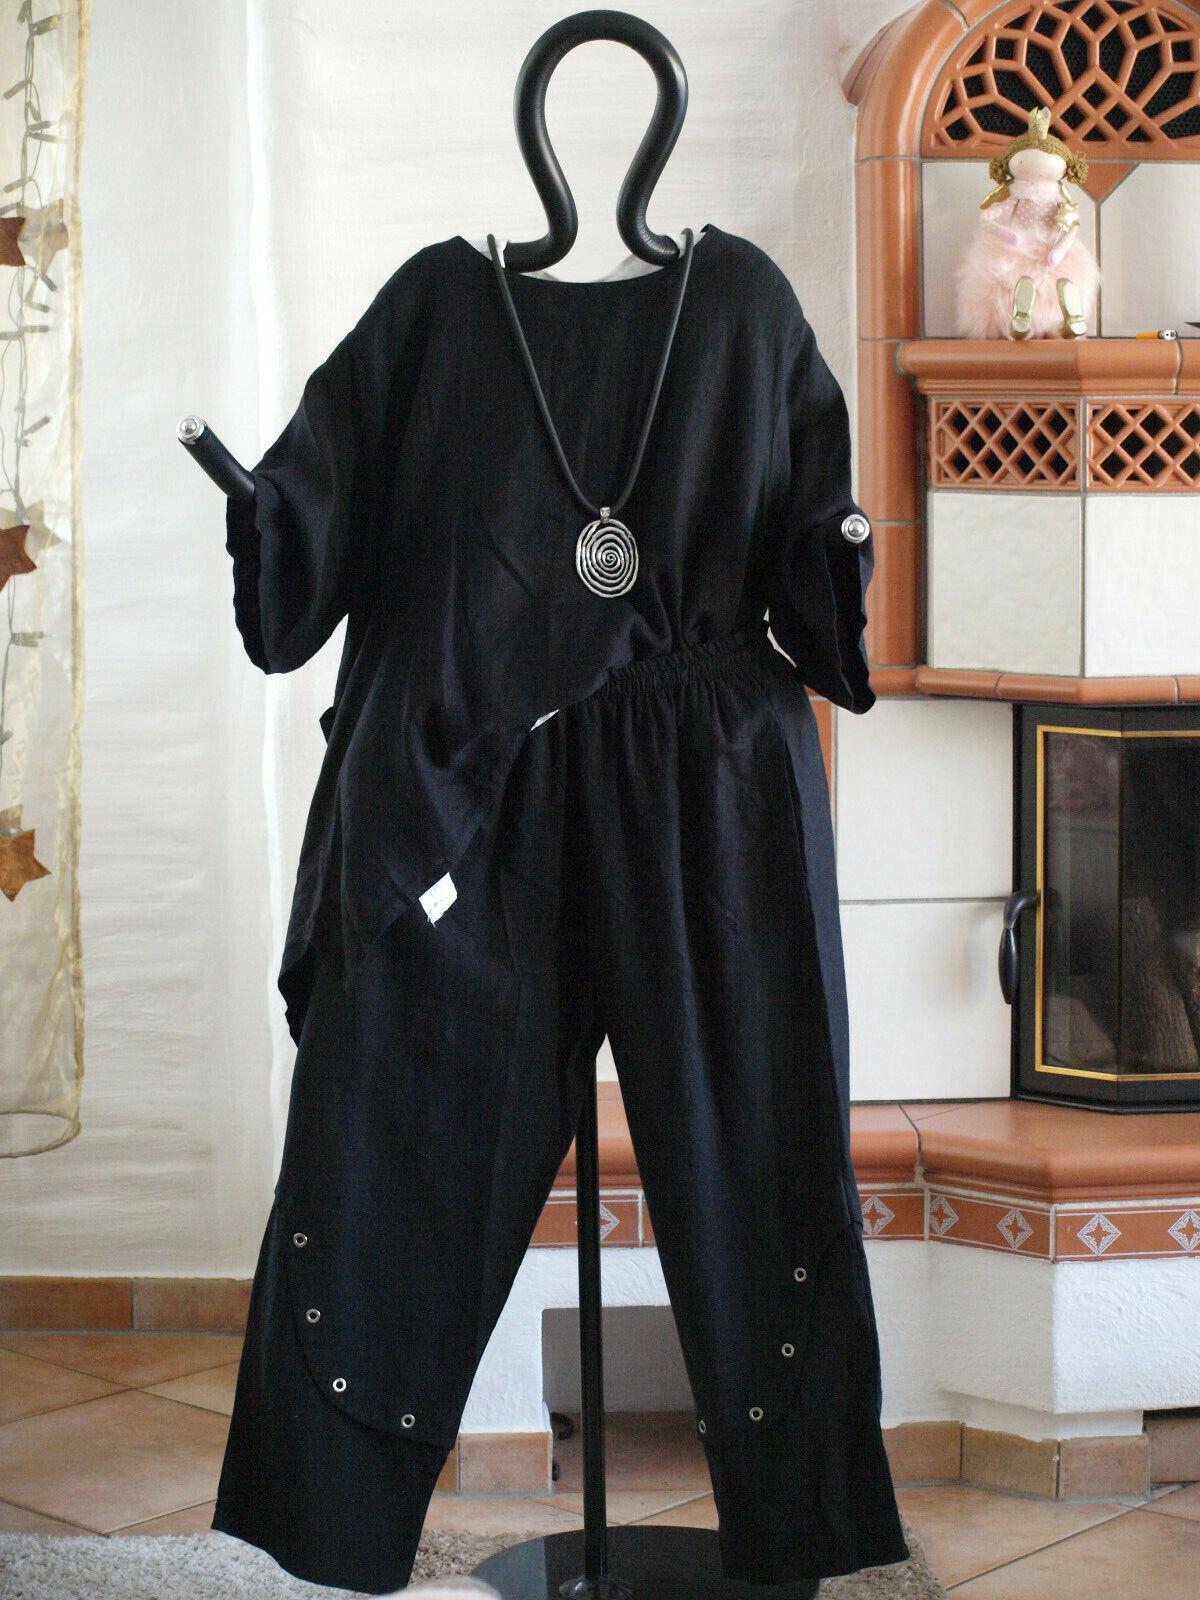 MEXXOO Design Lagenlook Leinen Ballon Hose mit Nieten black XXL 52 54 (9020)